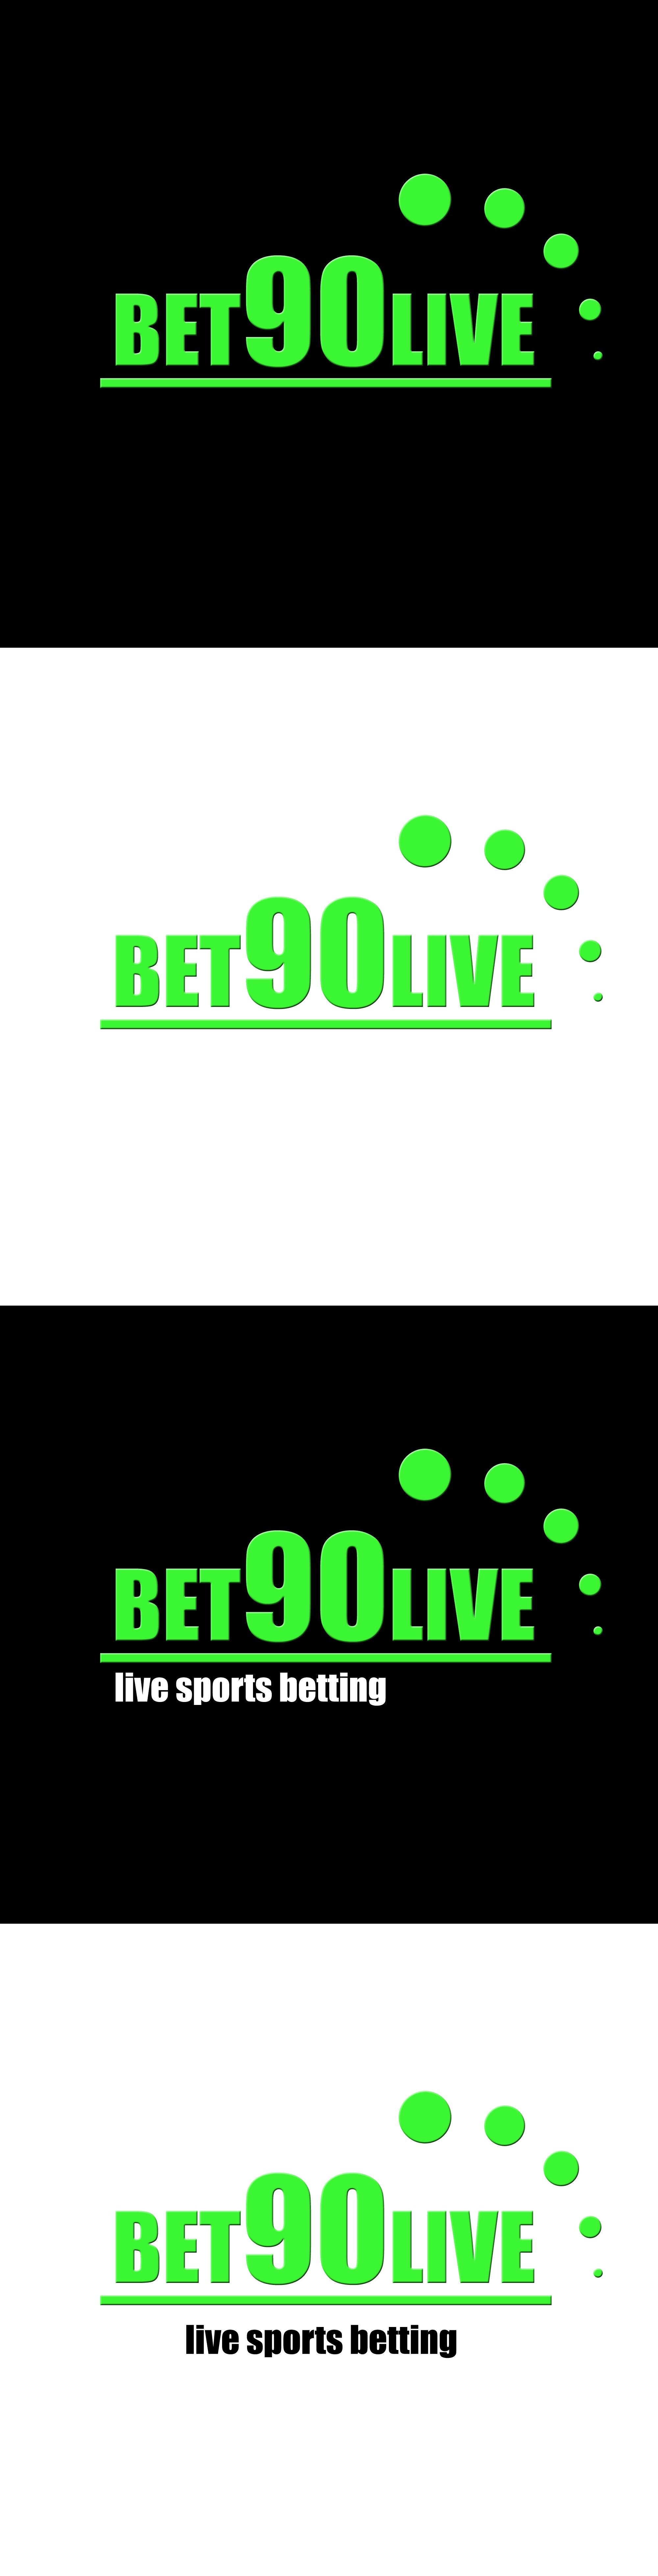 Ansprechend Bett 90 Galerie Von Logo Design By Theinquisitor For Designcrowd (community